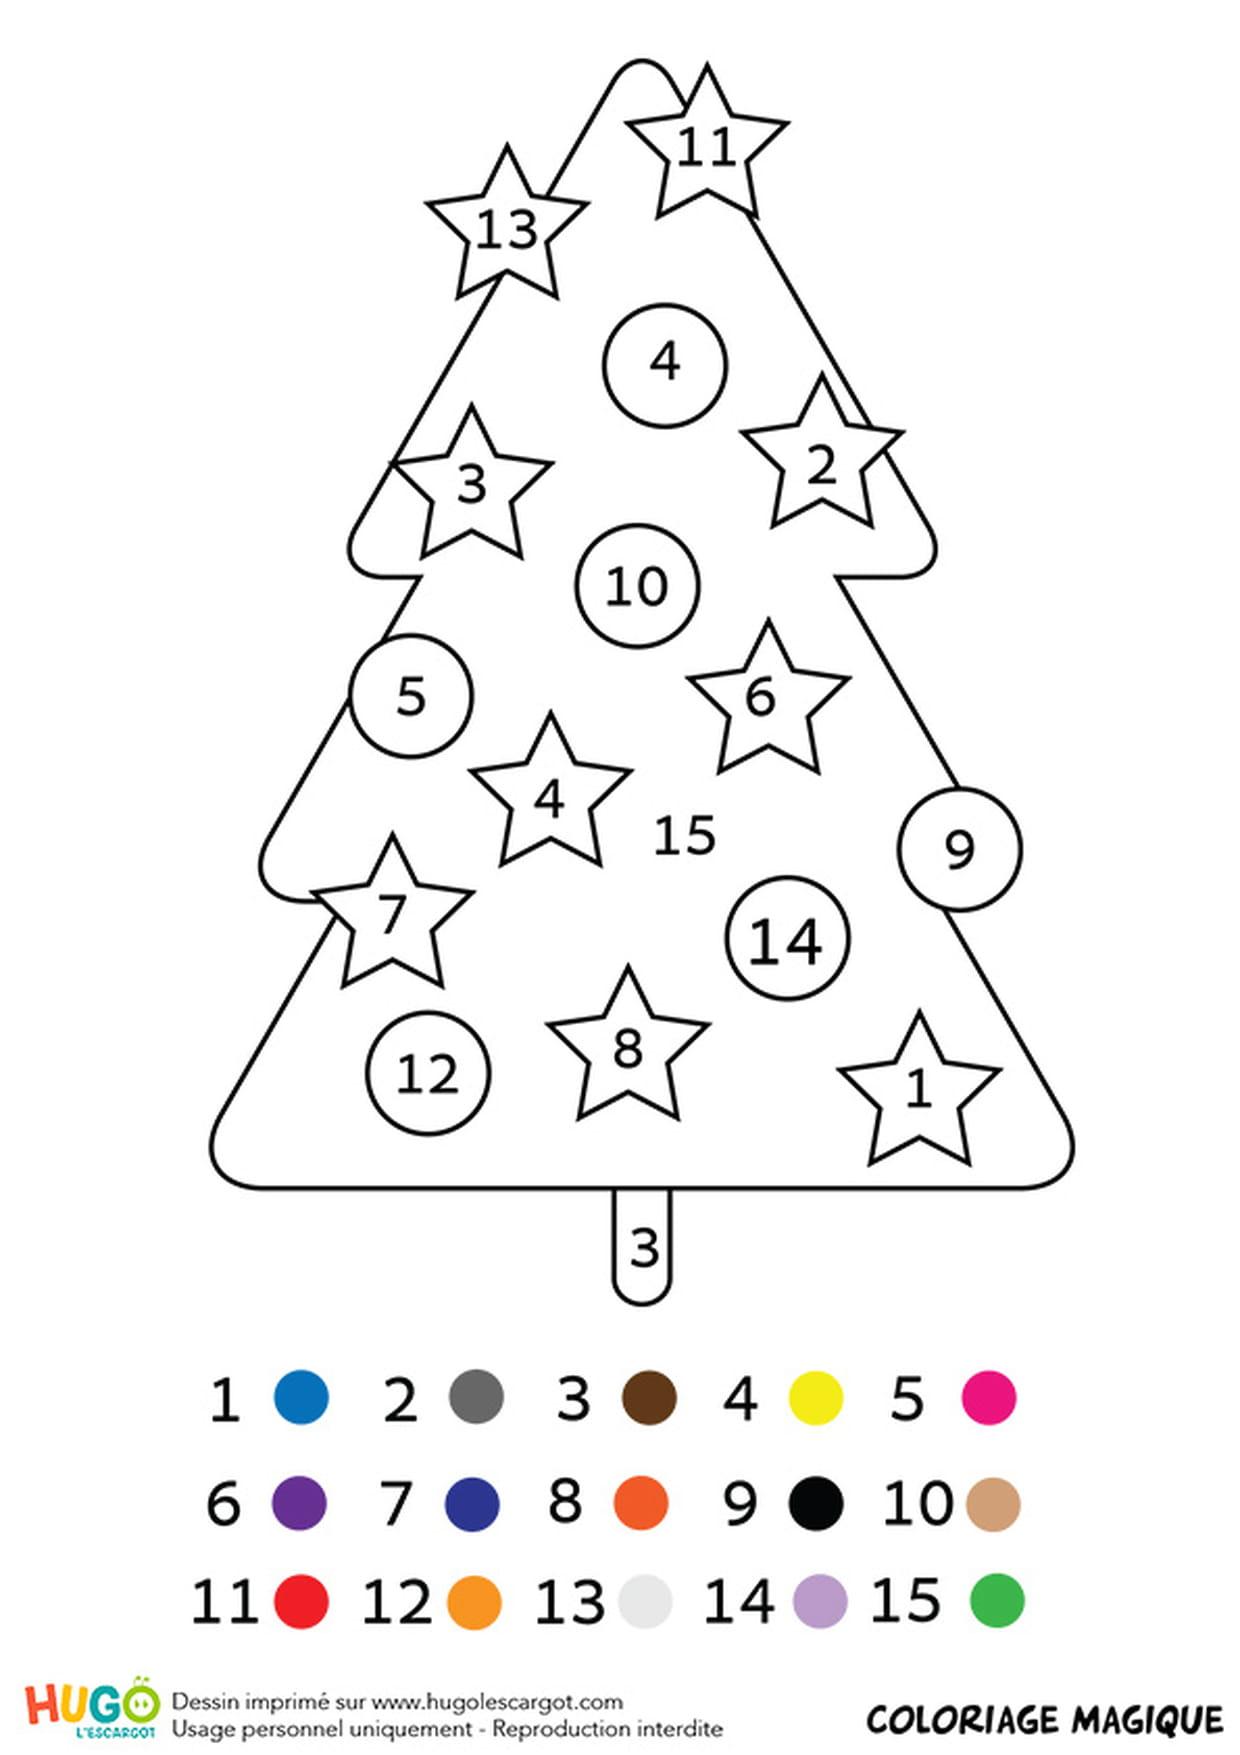 Coloriage Magique Cp : Un Sapin De Noël pour Coloriage Codé Noel